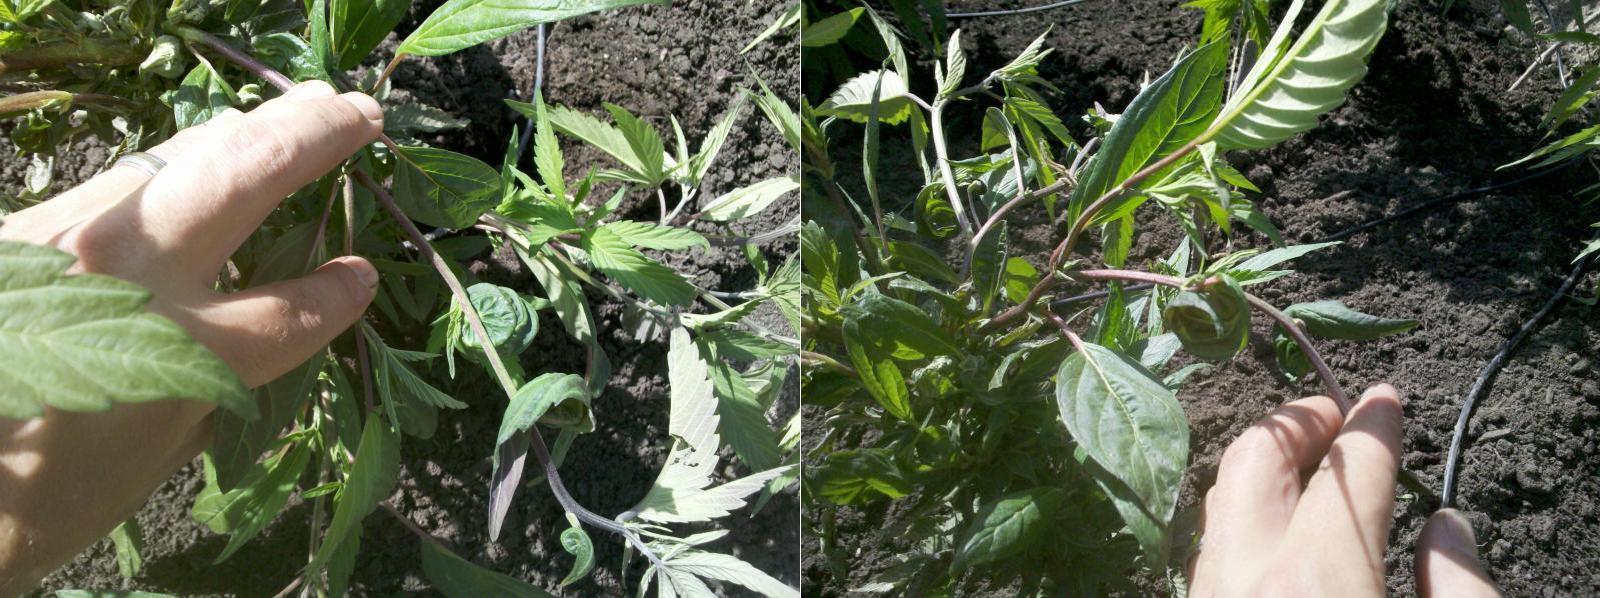 Il faut prendre en compte la photopériode naturelle pour éviter la régénération végétative des plantes de marijuana